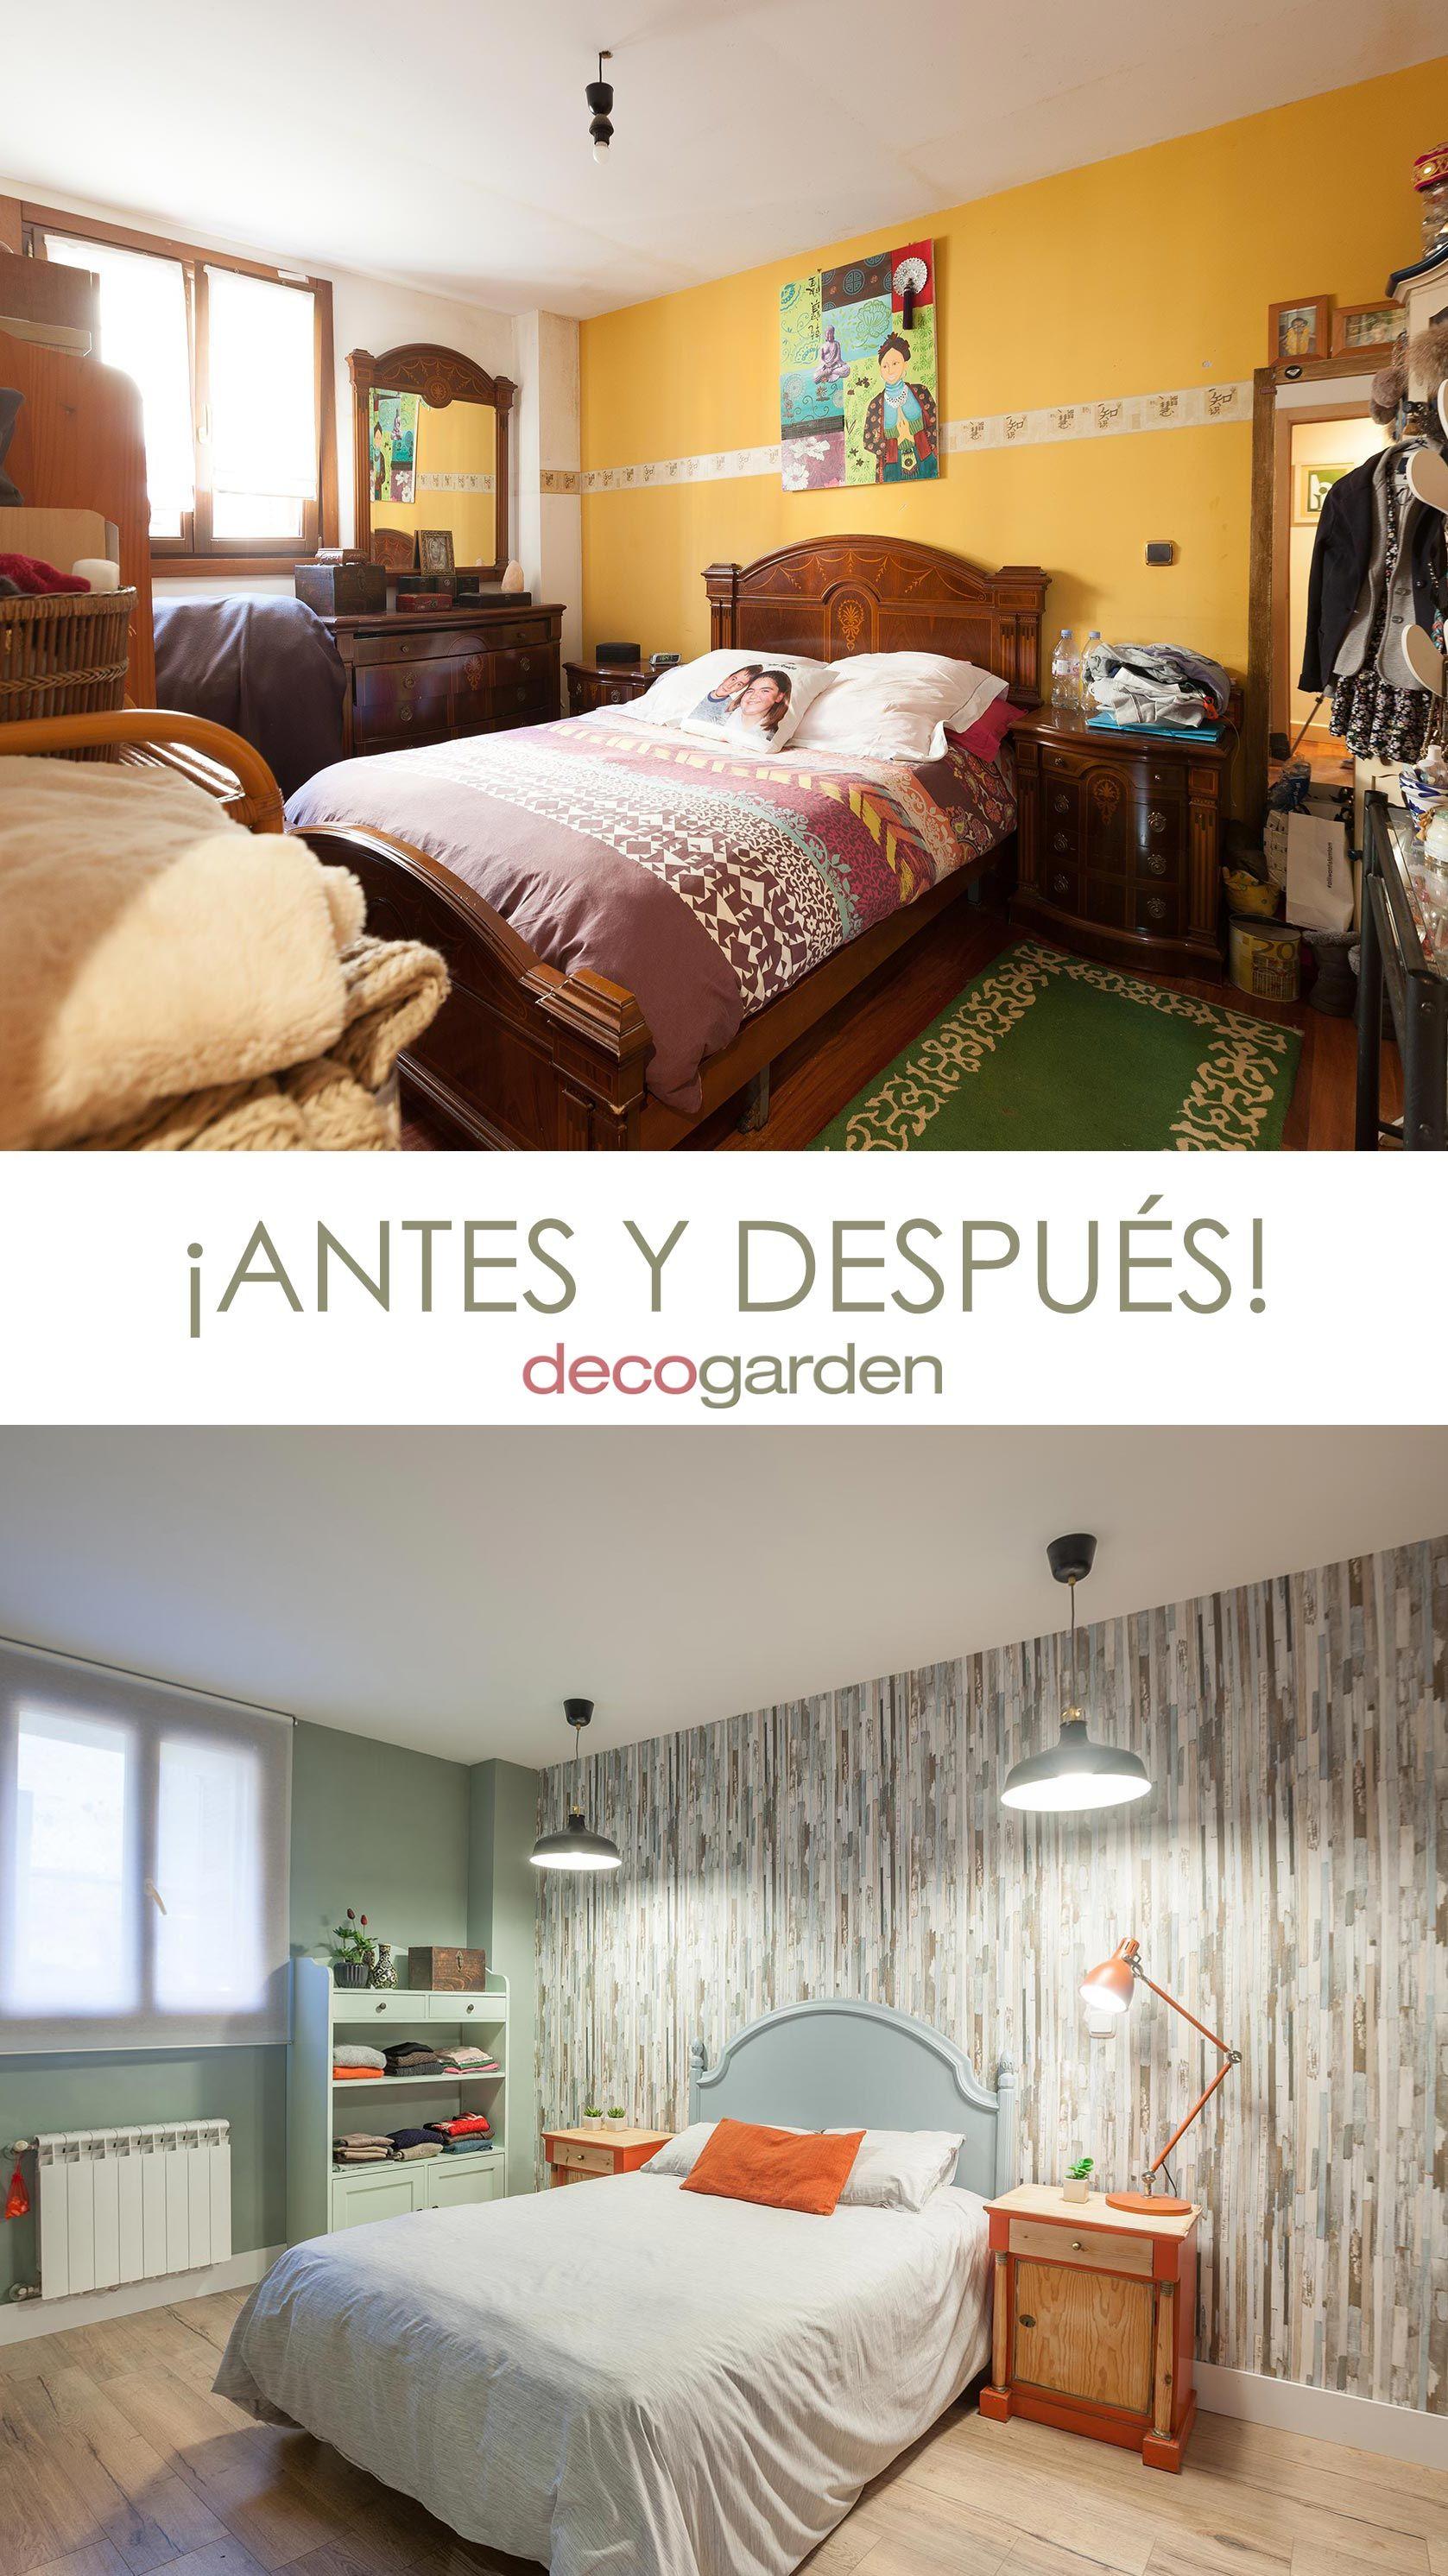 Decorar dormitorio - antes y después